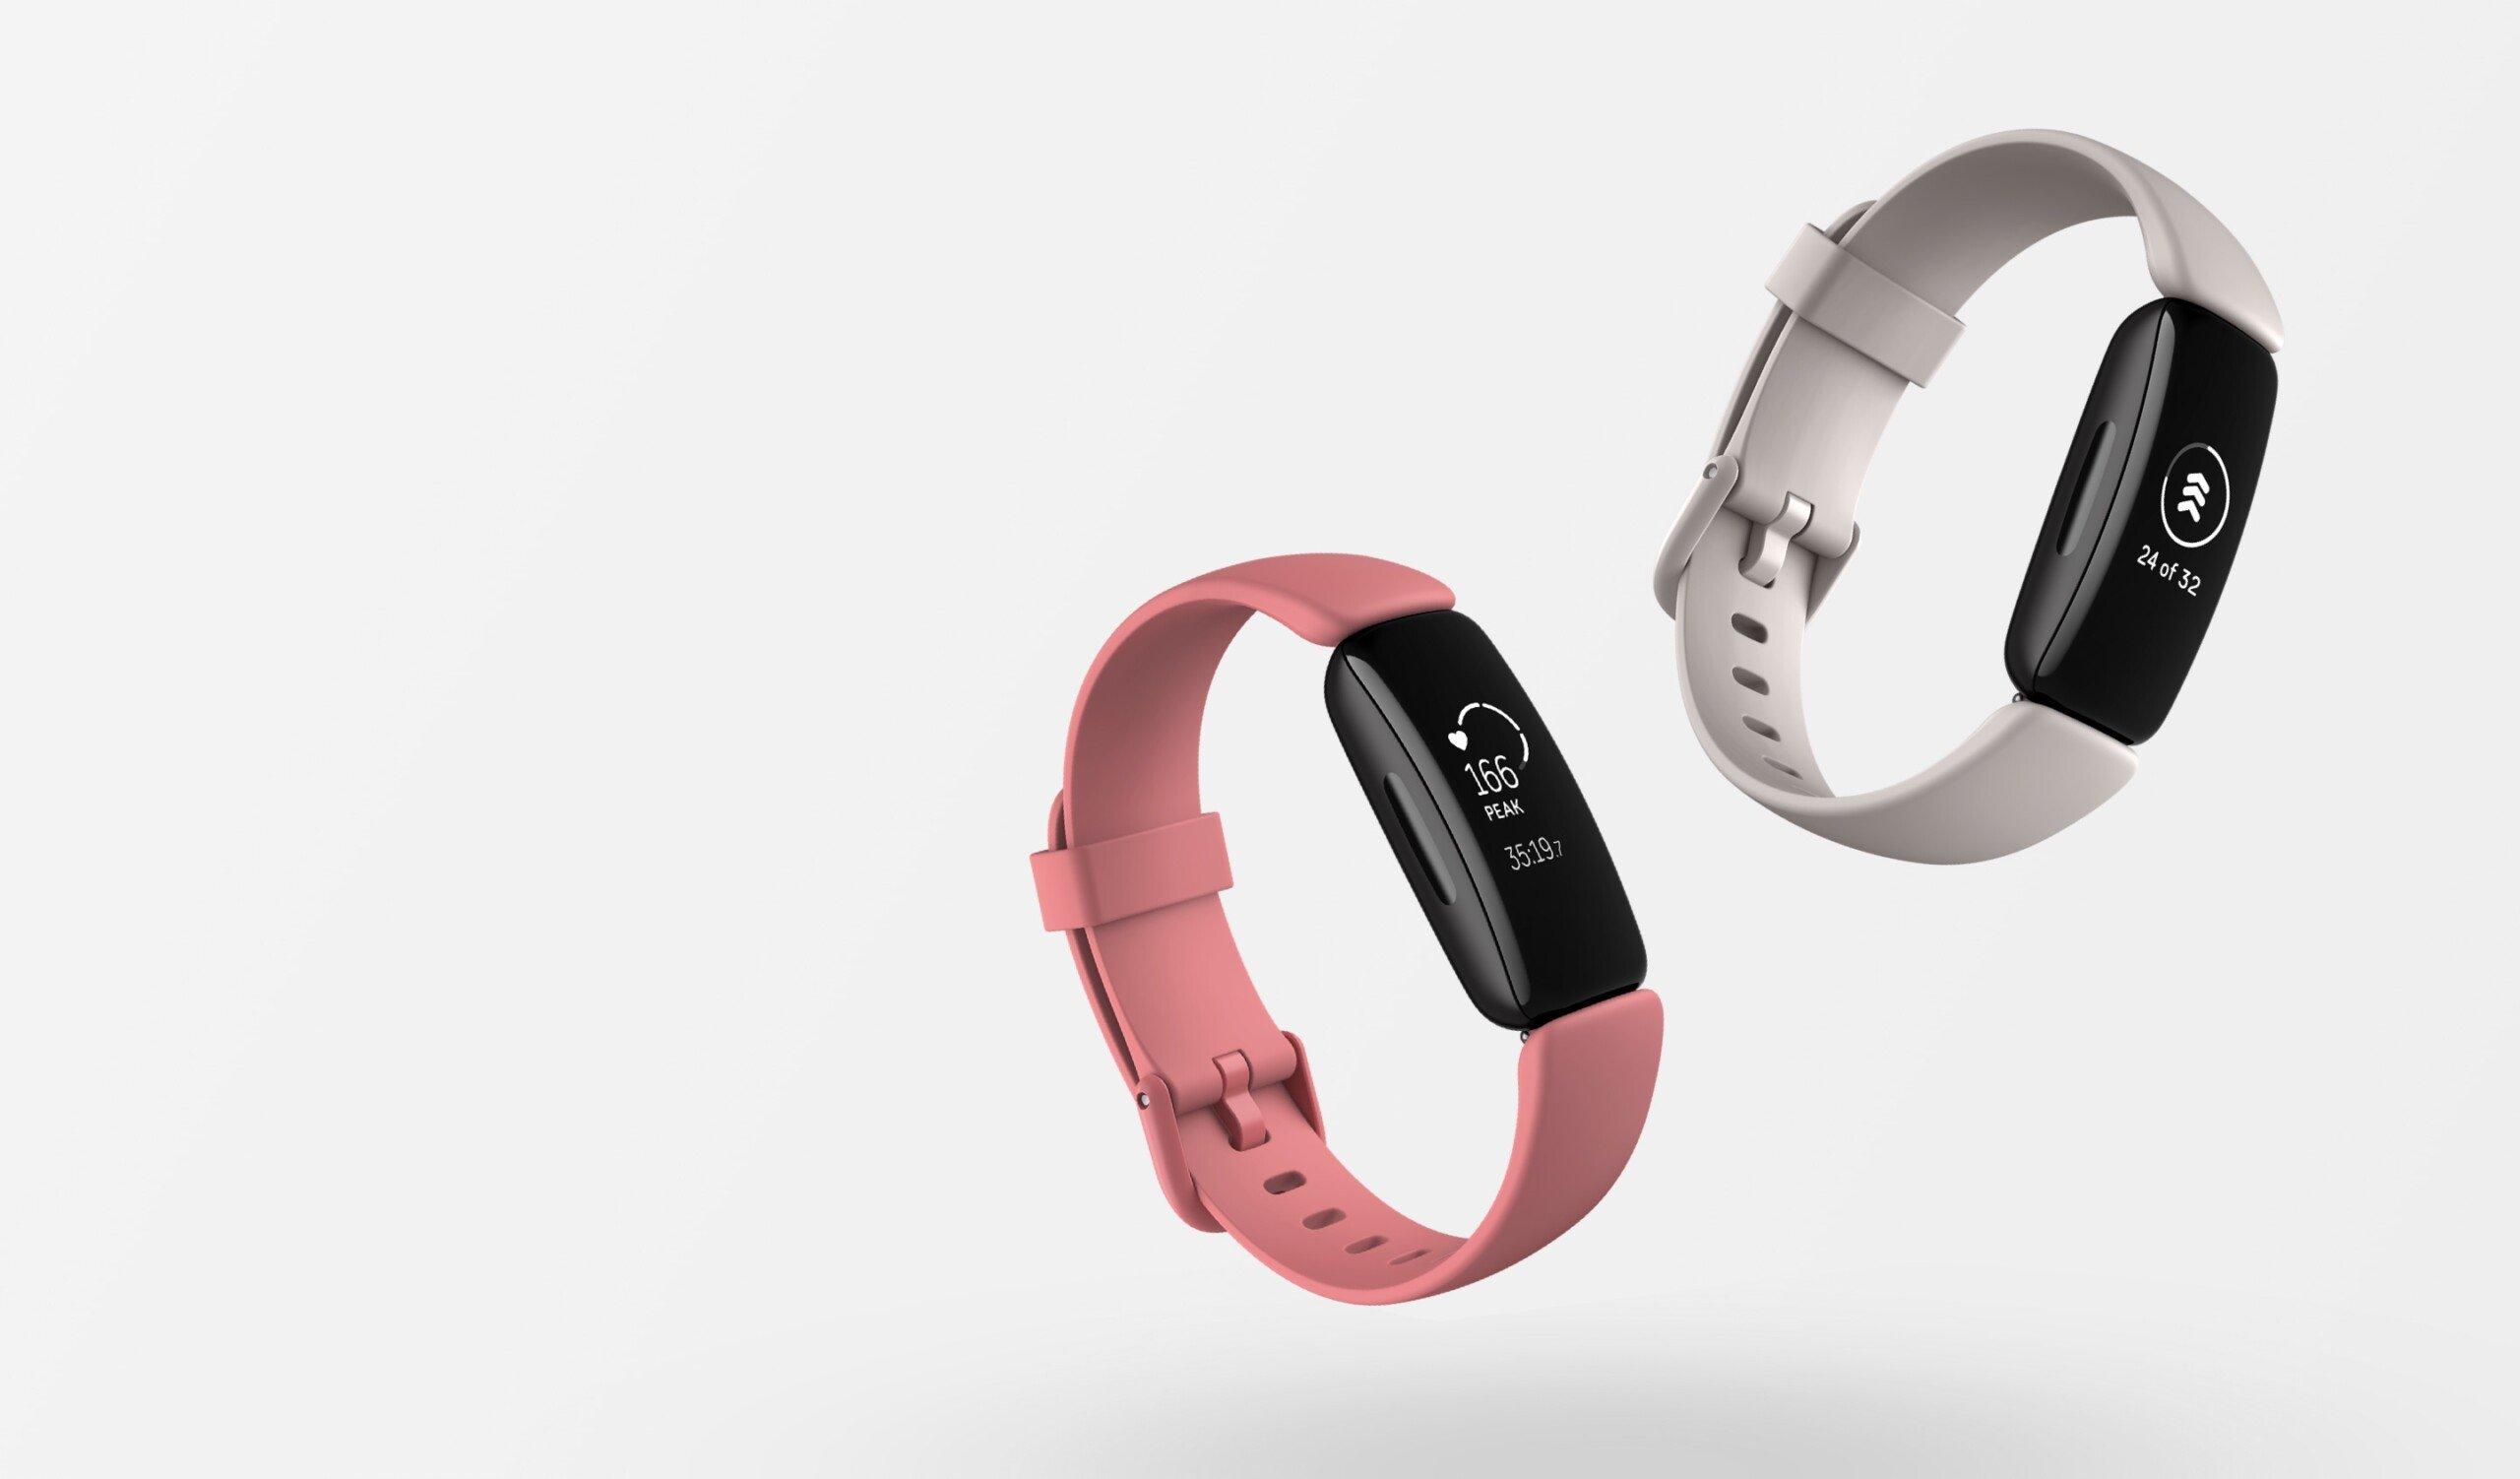 Vous pouvez maintenant retrouver votre Fitbit Inspire 2 via Bluetooth grâce à Tile